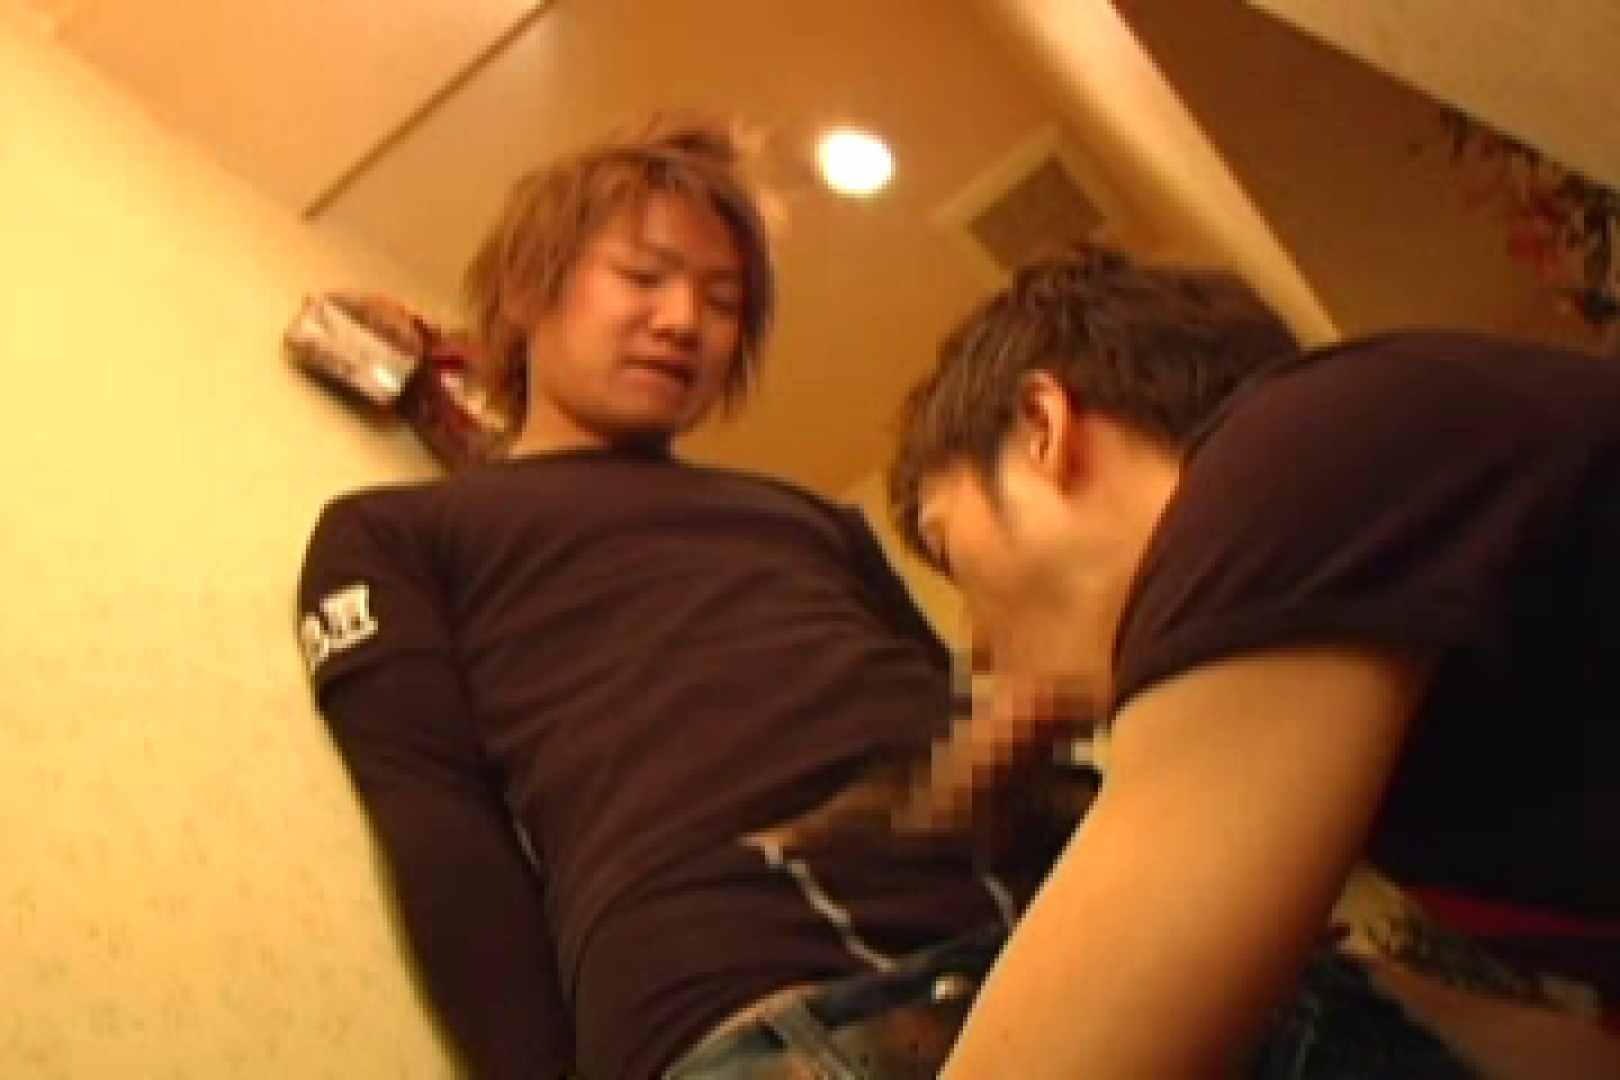 美しいmensは「トロマン」が大好き!!vol.01 入浴・シャワー ゲイSEX画像 58連発 29